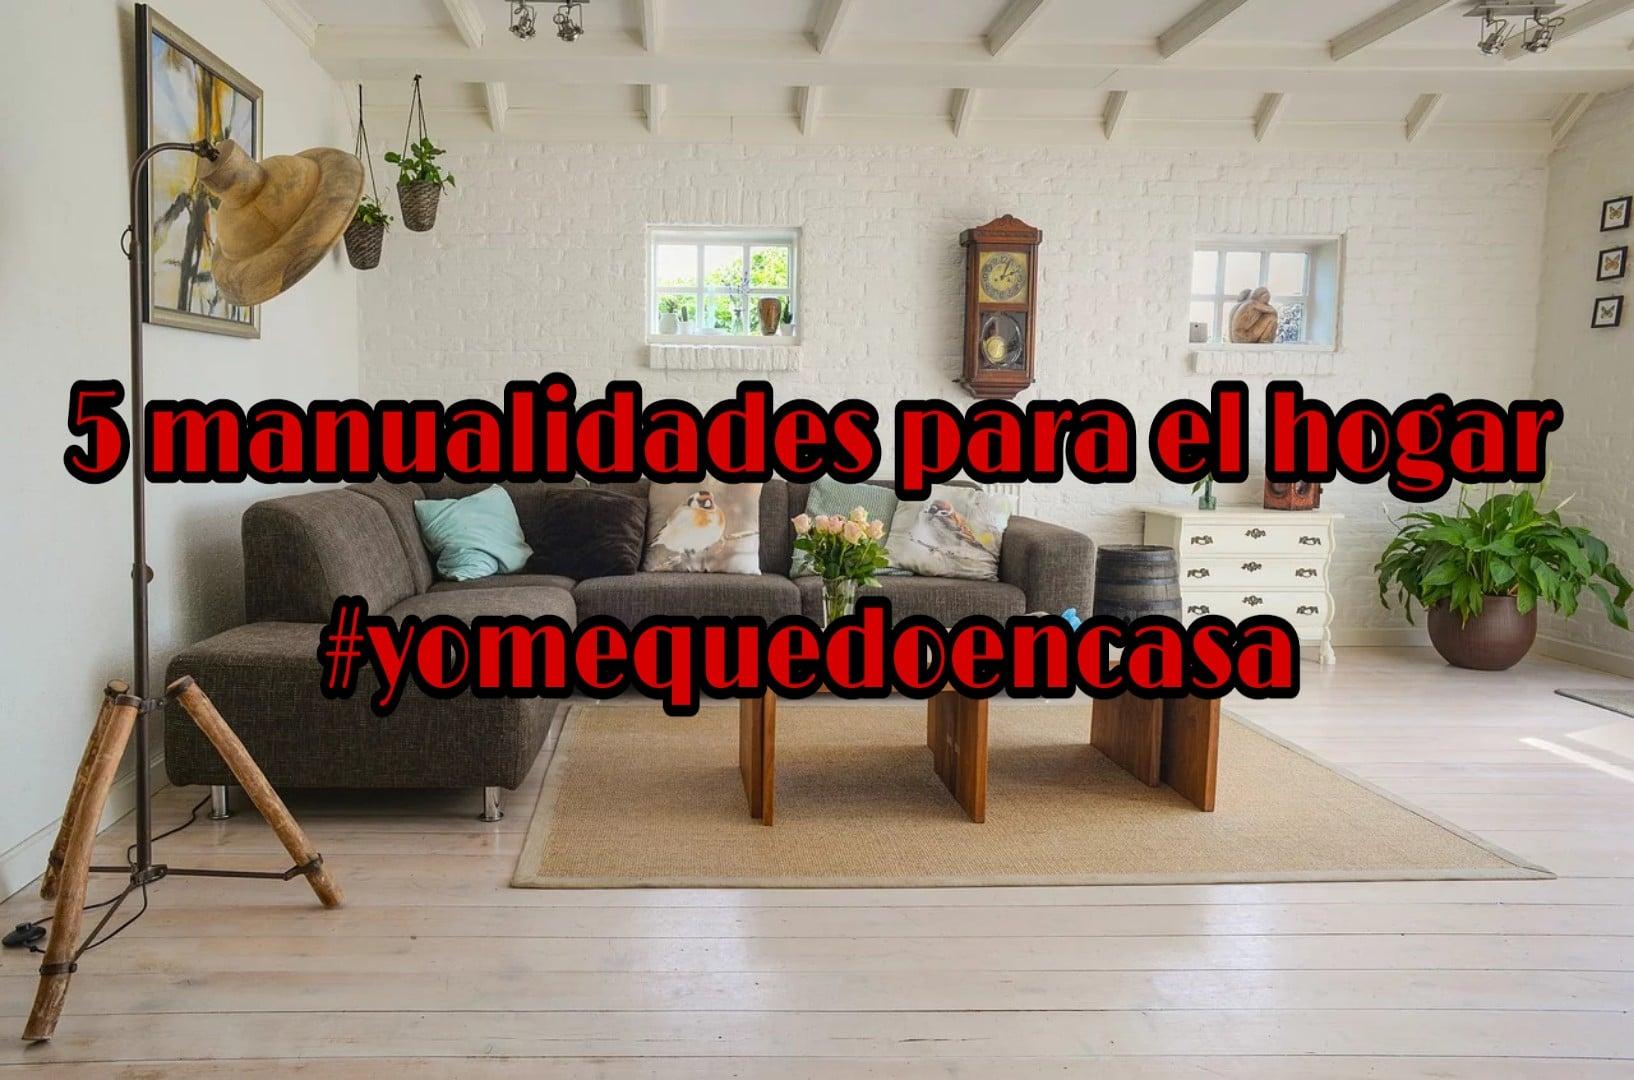 5 manualidades para hacer en casa en familia #yomequedoencasa